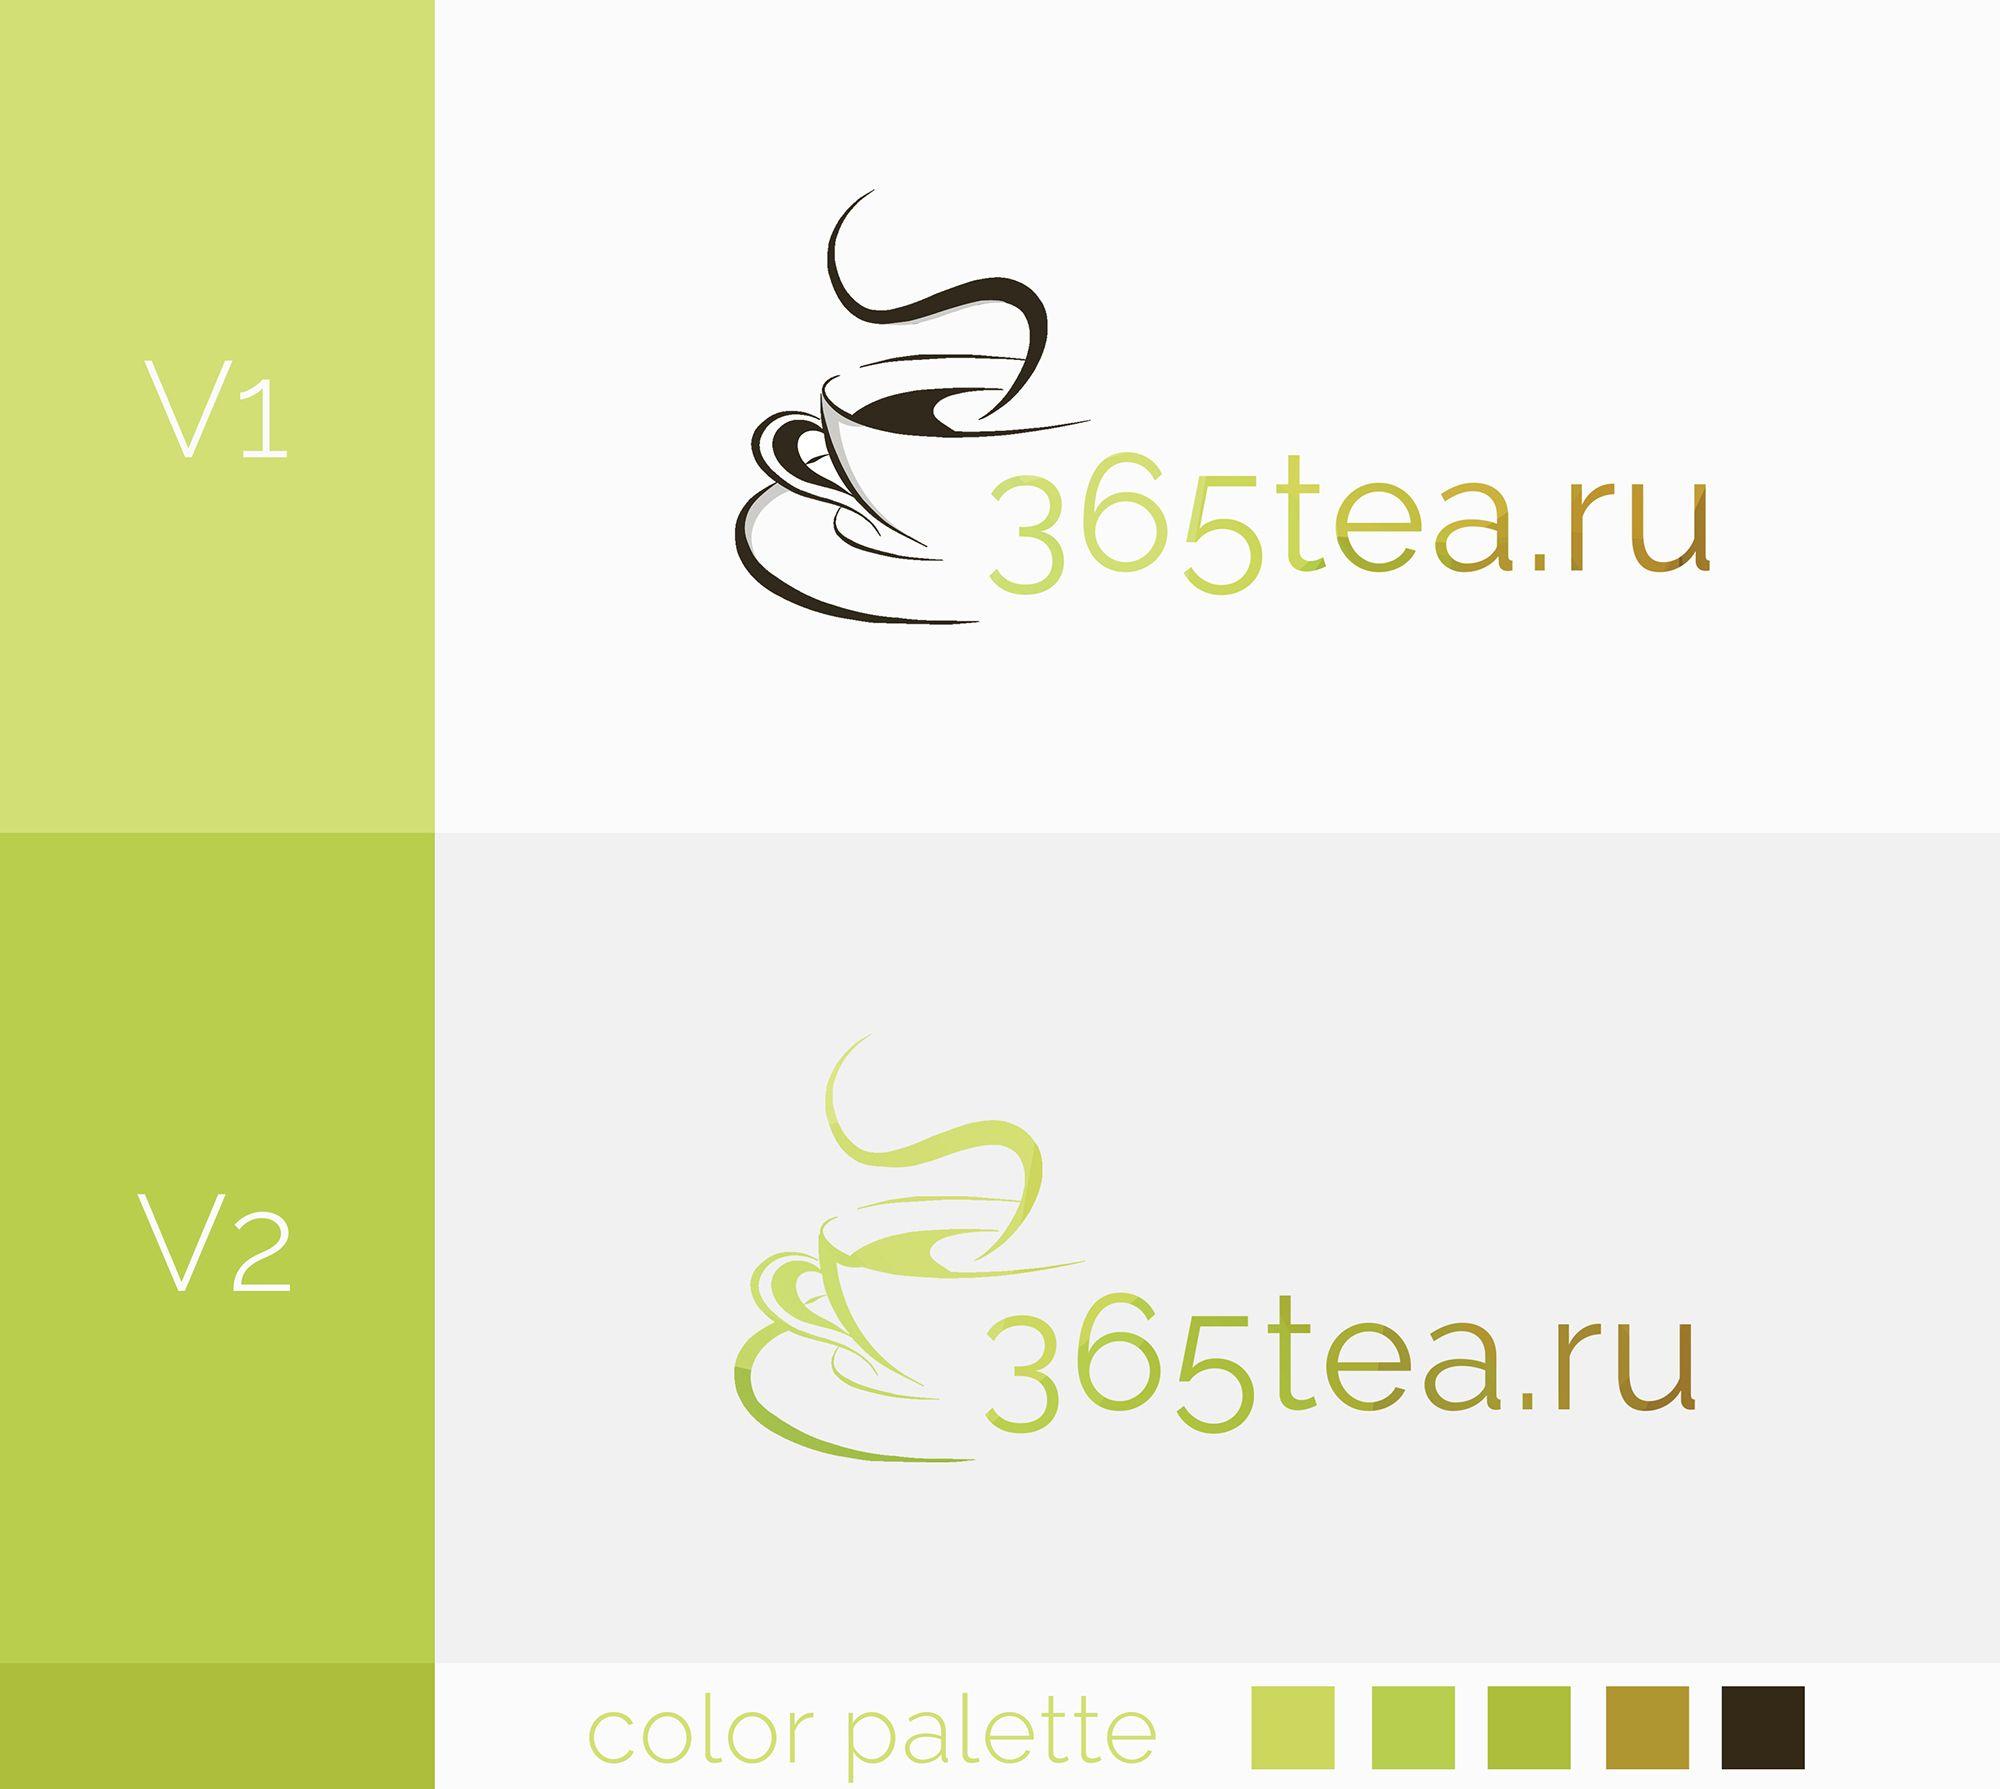 Логотип для 365tea.ru или 365TEA.RU - дизайнер Venter